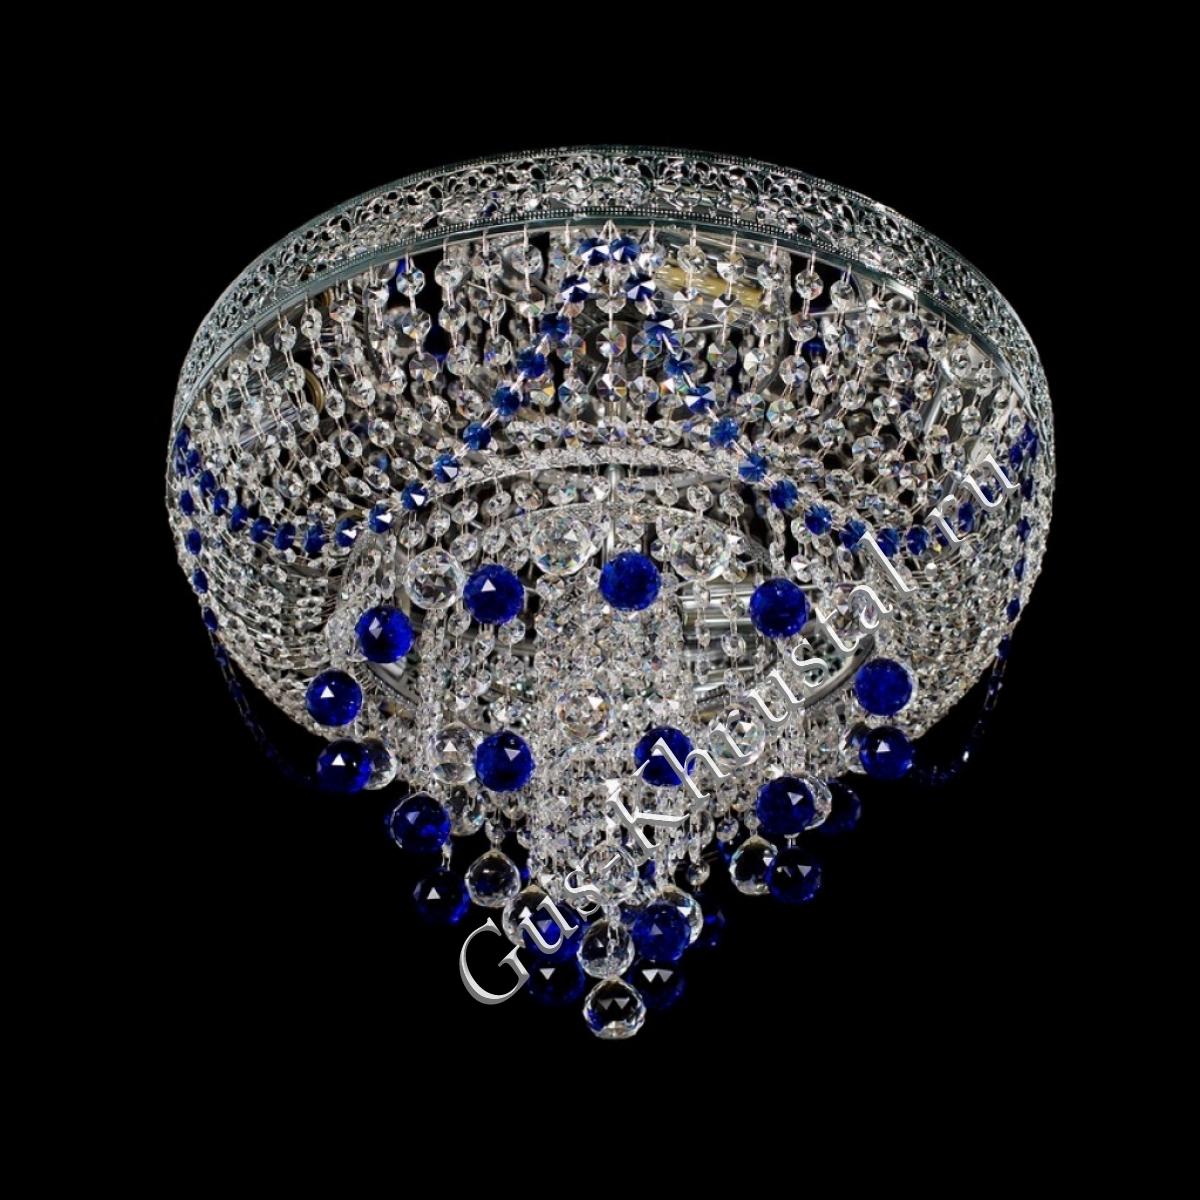 Люстра Версаль 010 синяя